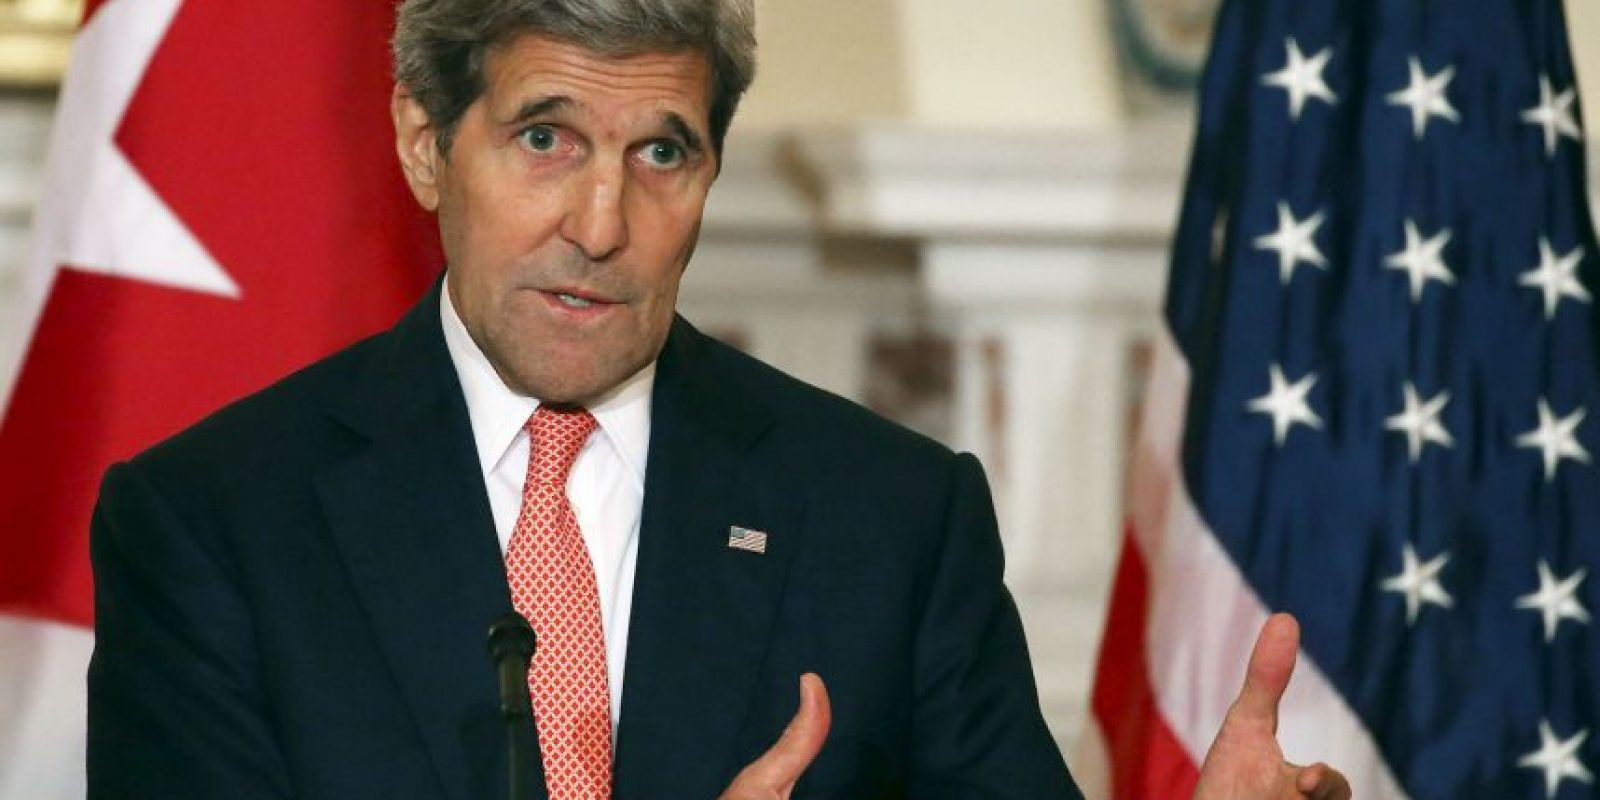 John Kerry, Secretario de Estado estadounidense, será el primer funcionario de ese rango en visitar Cuba en 70 años. Foto:Getty Images